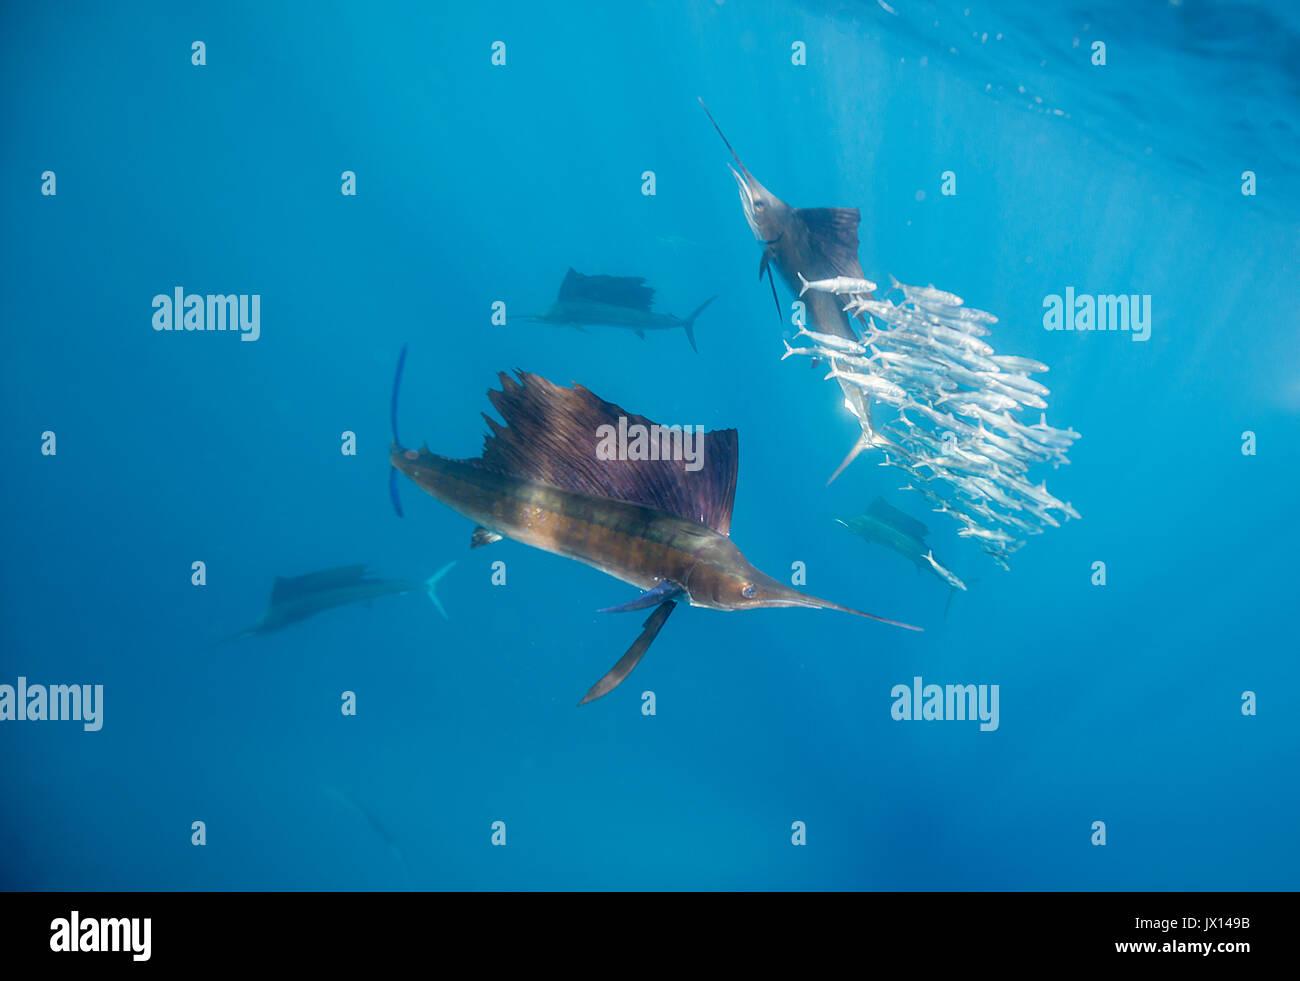 a50c0a13f20de El pez vela del Atlántico alimentándose de sardinas en la costa de la Isla  Mujeres